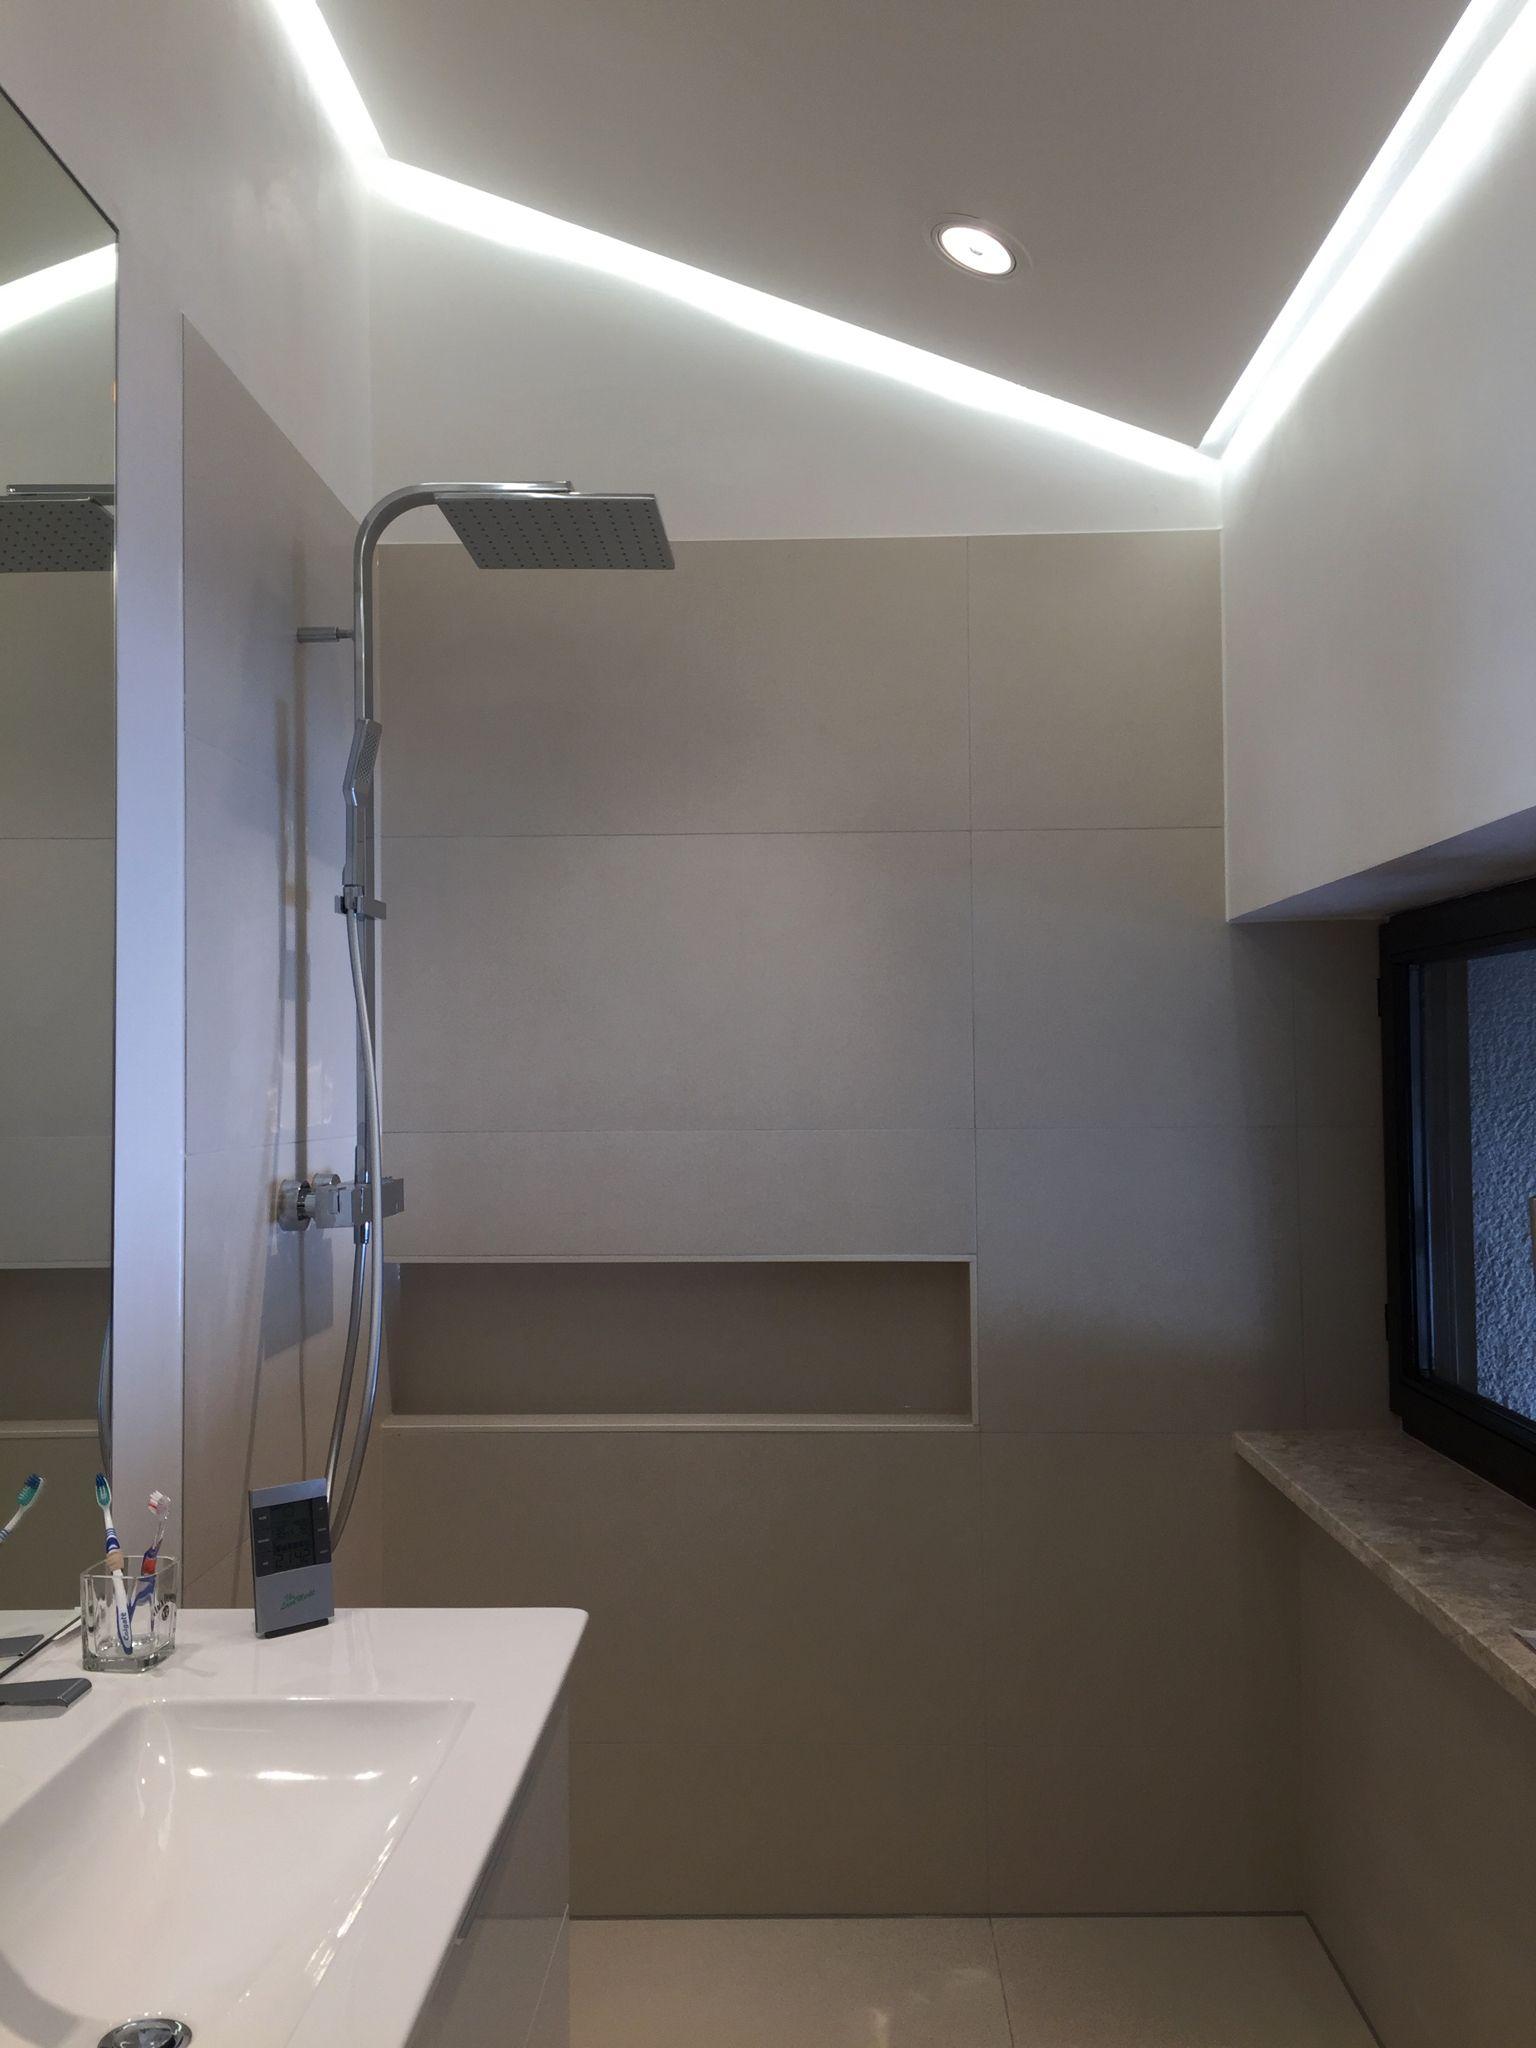 Indirekte Badbeleuchtung über die Decke   Badezimmerbeleuchtung ...